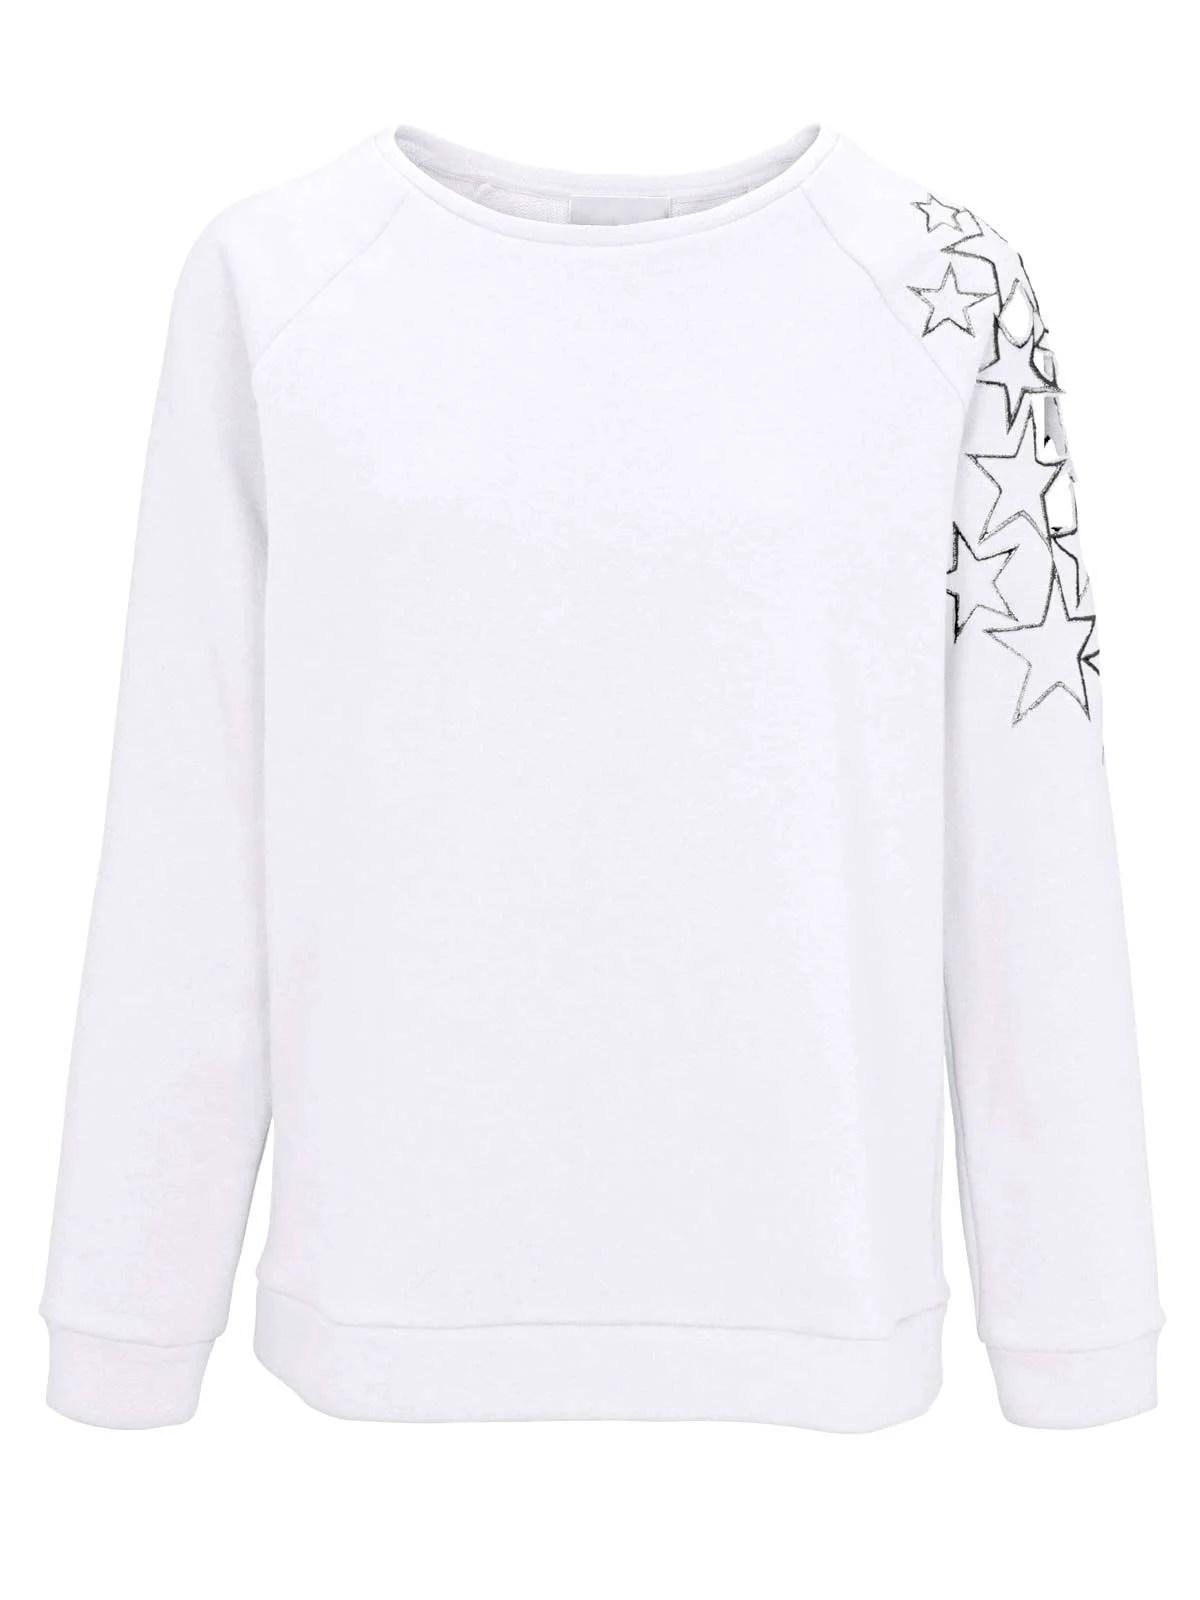 sweatshirts auf rechnung Sweatshirt von Heine, weiß 912.252 MISSFORTY